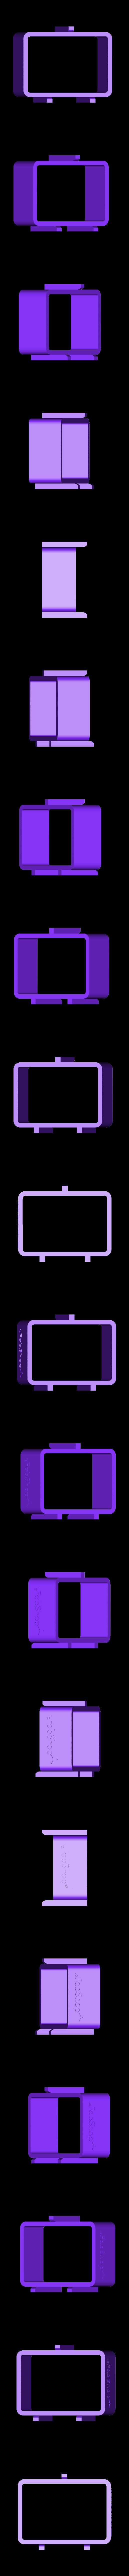 LFS_SandcastP1.STL Télécharger fichier STL gratuit DIY Sand casting kit • Objet pour imprimante 3D, leFabShop